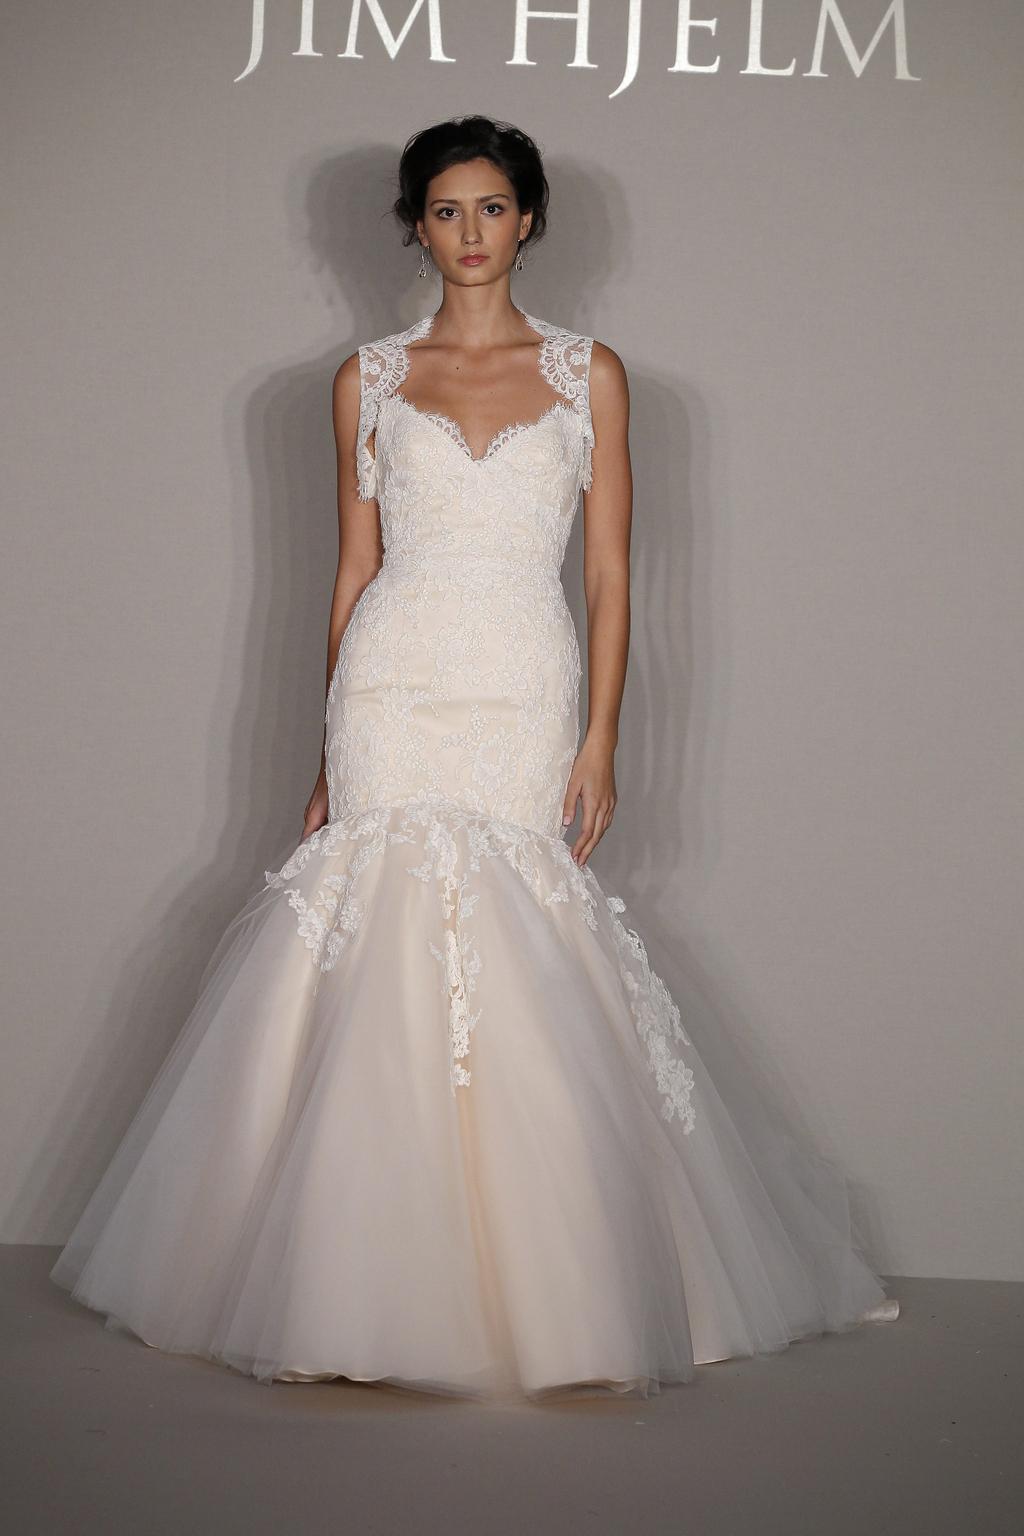 Jim-hjelm-wedding-dress-spring-2012-bridal-gowns-8214.full